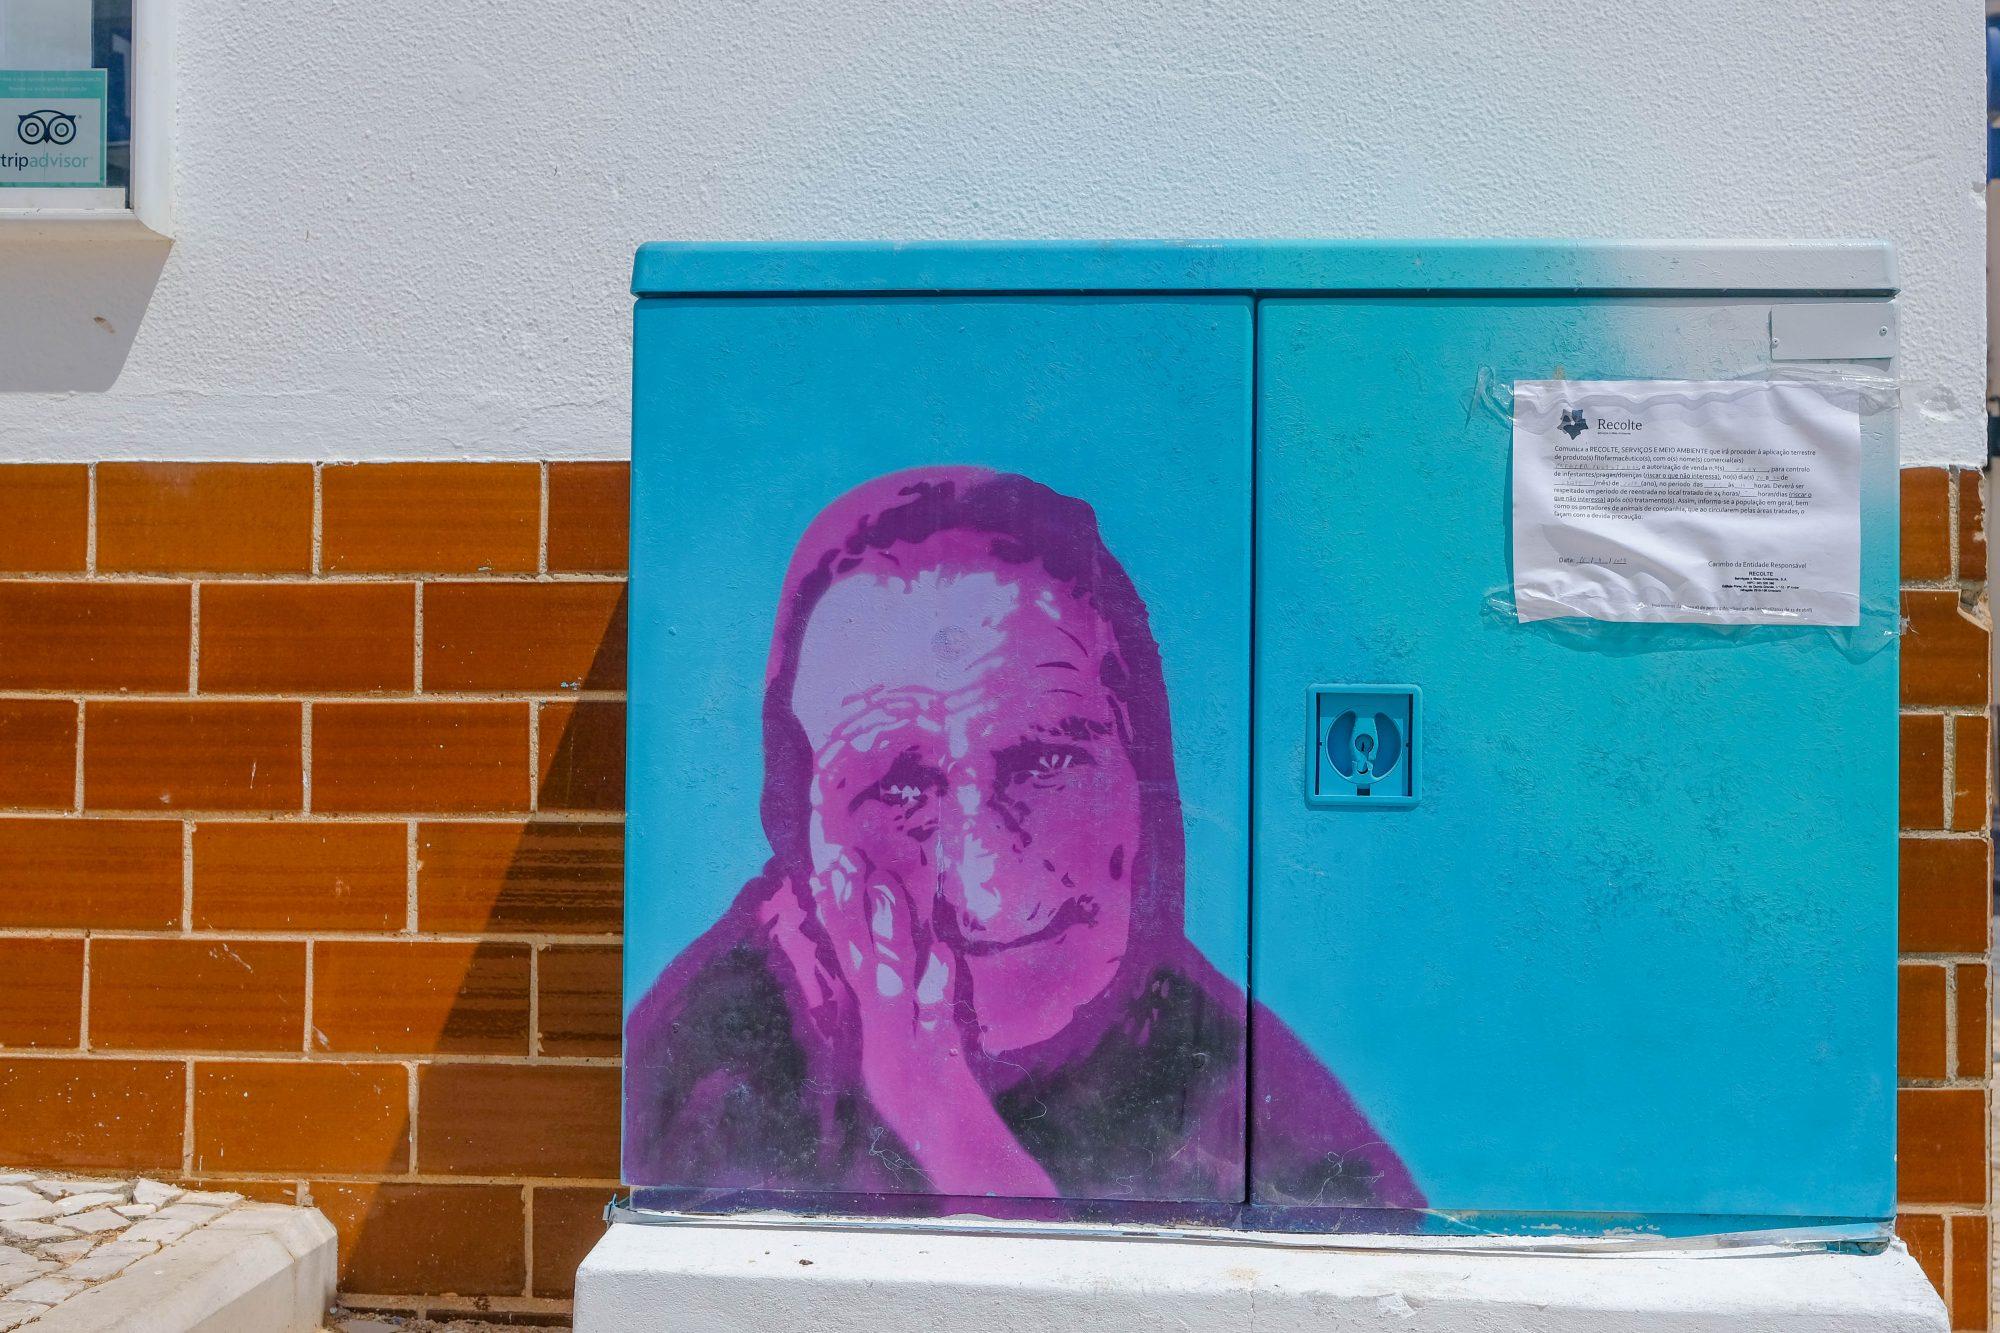 Carvoeiro détail de street art dans le sud du Portugal